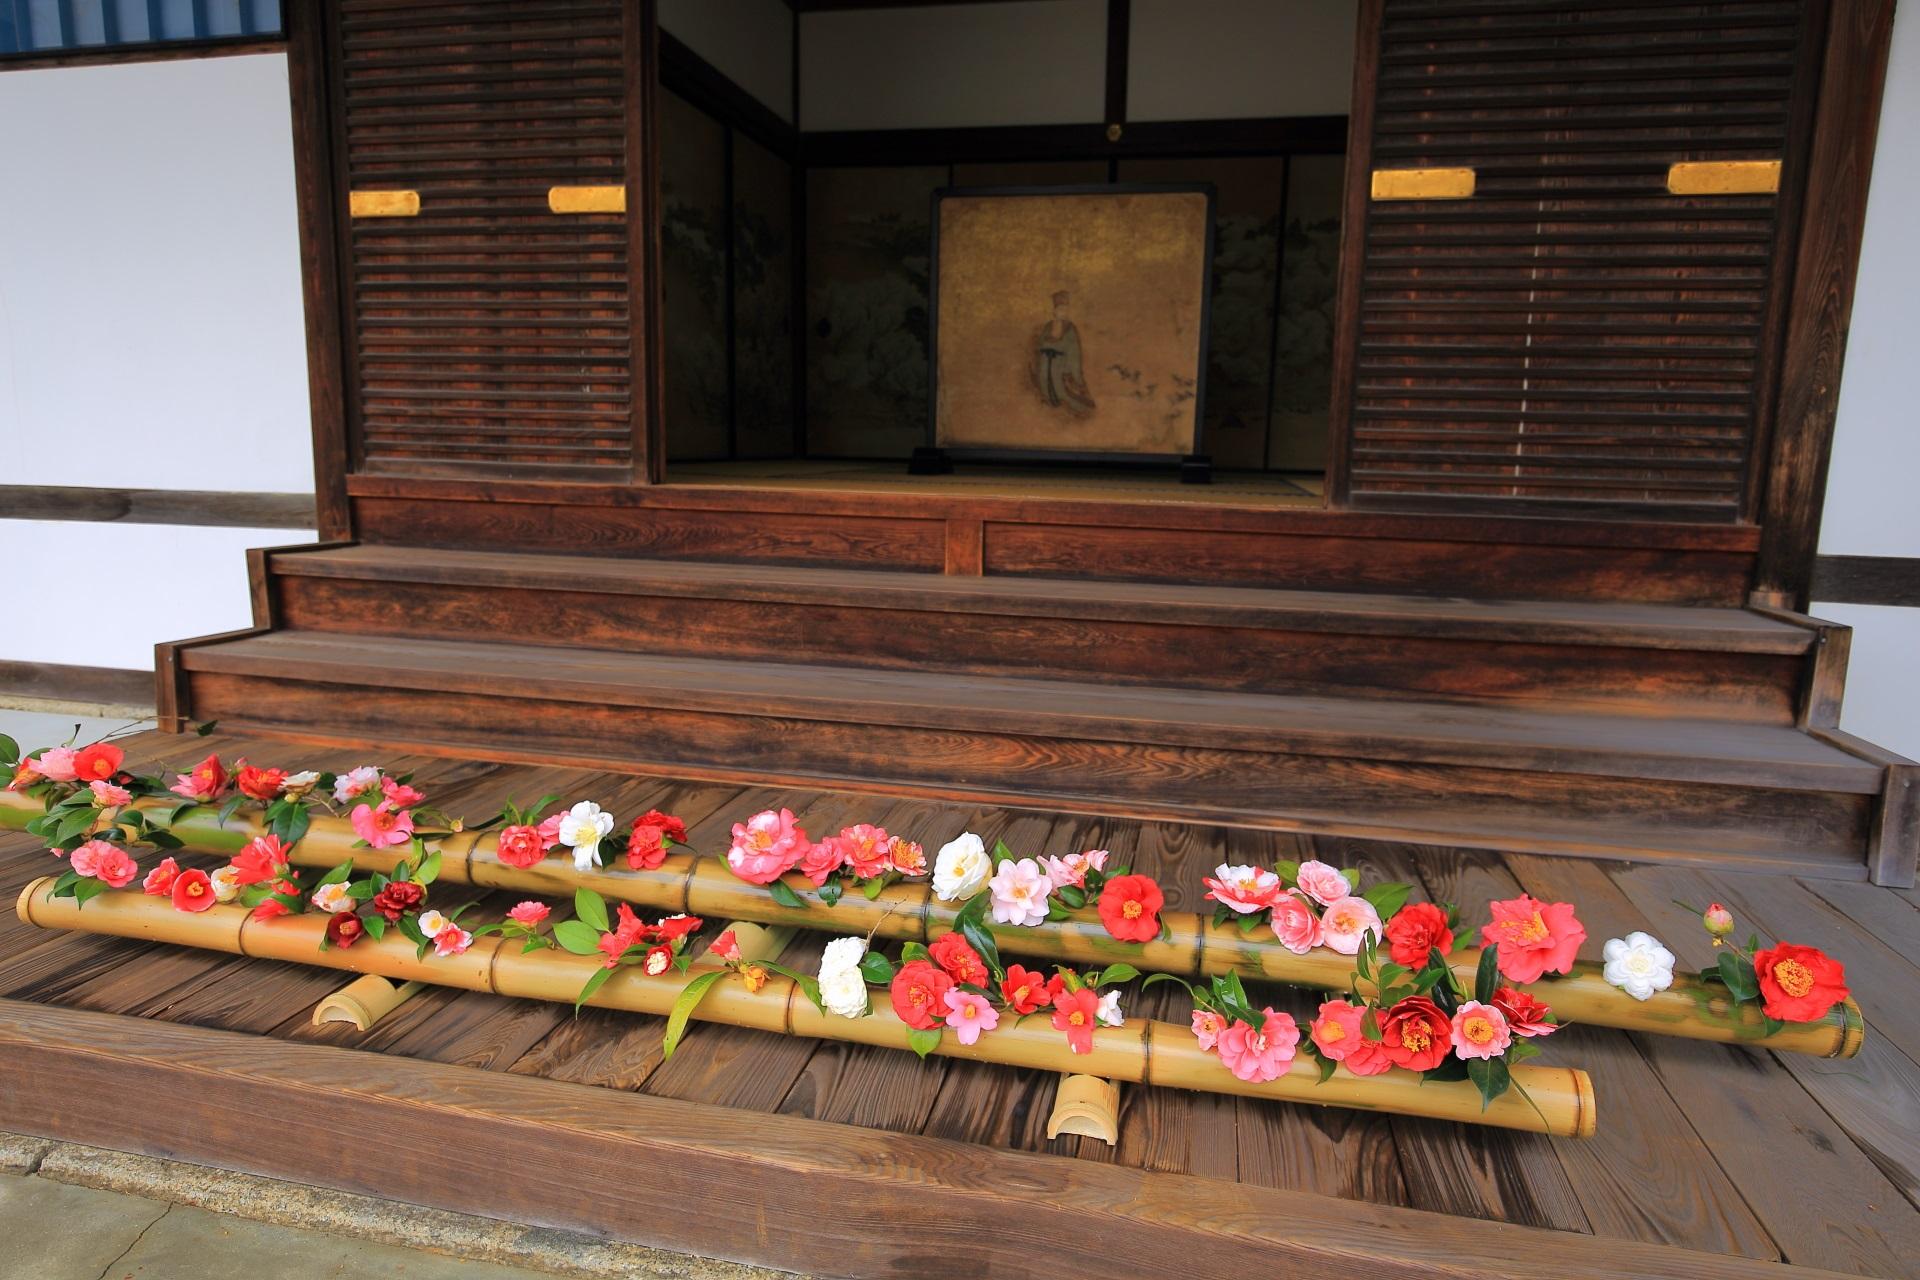 霊鑑寺の大玄関に飾られる椿の花